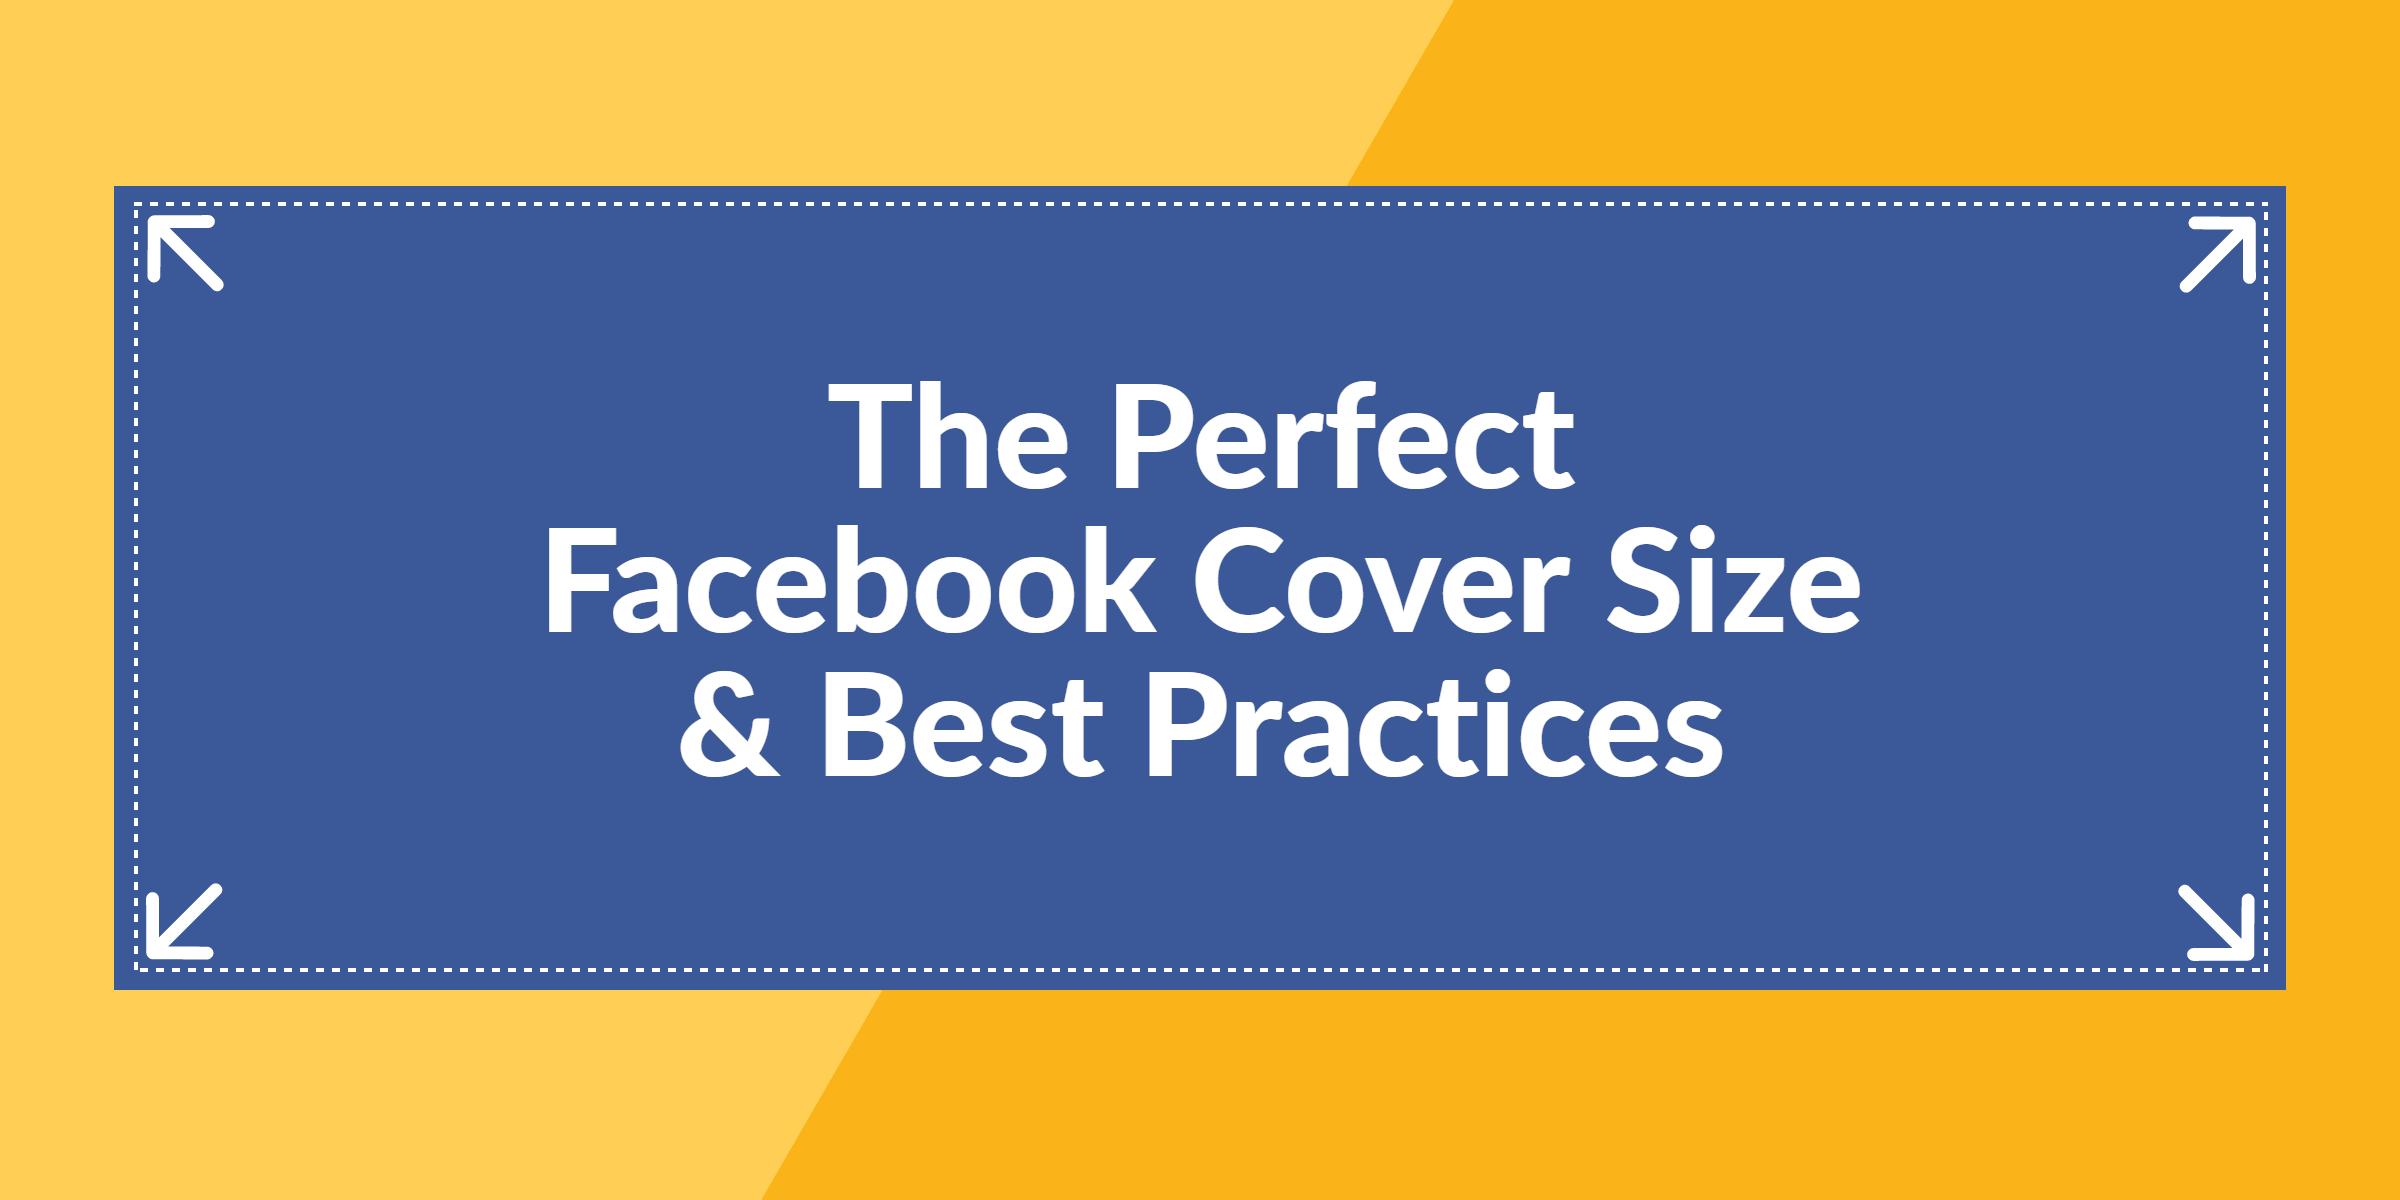 Kích thước avatar Facebook và ảnh cover Facebook mới nhất 2021